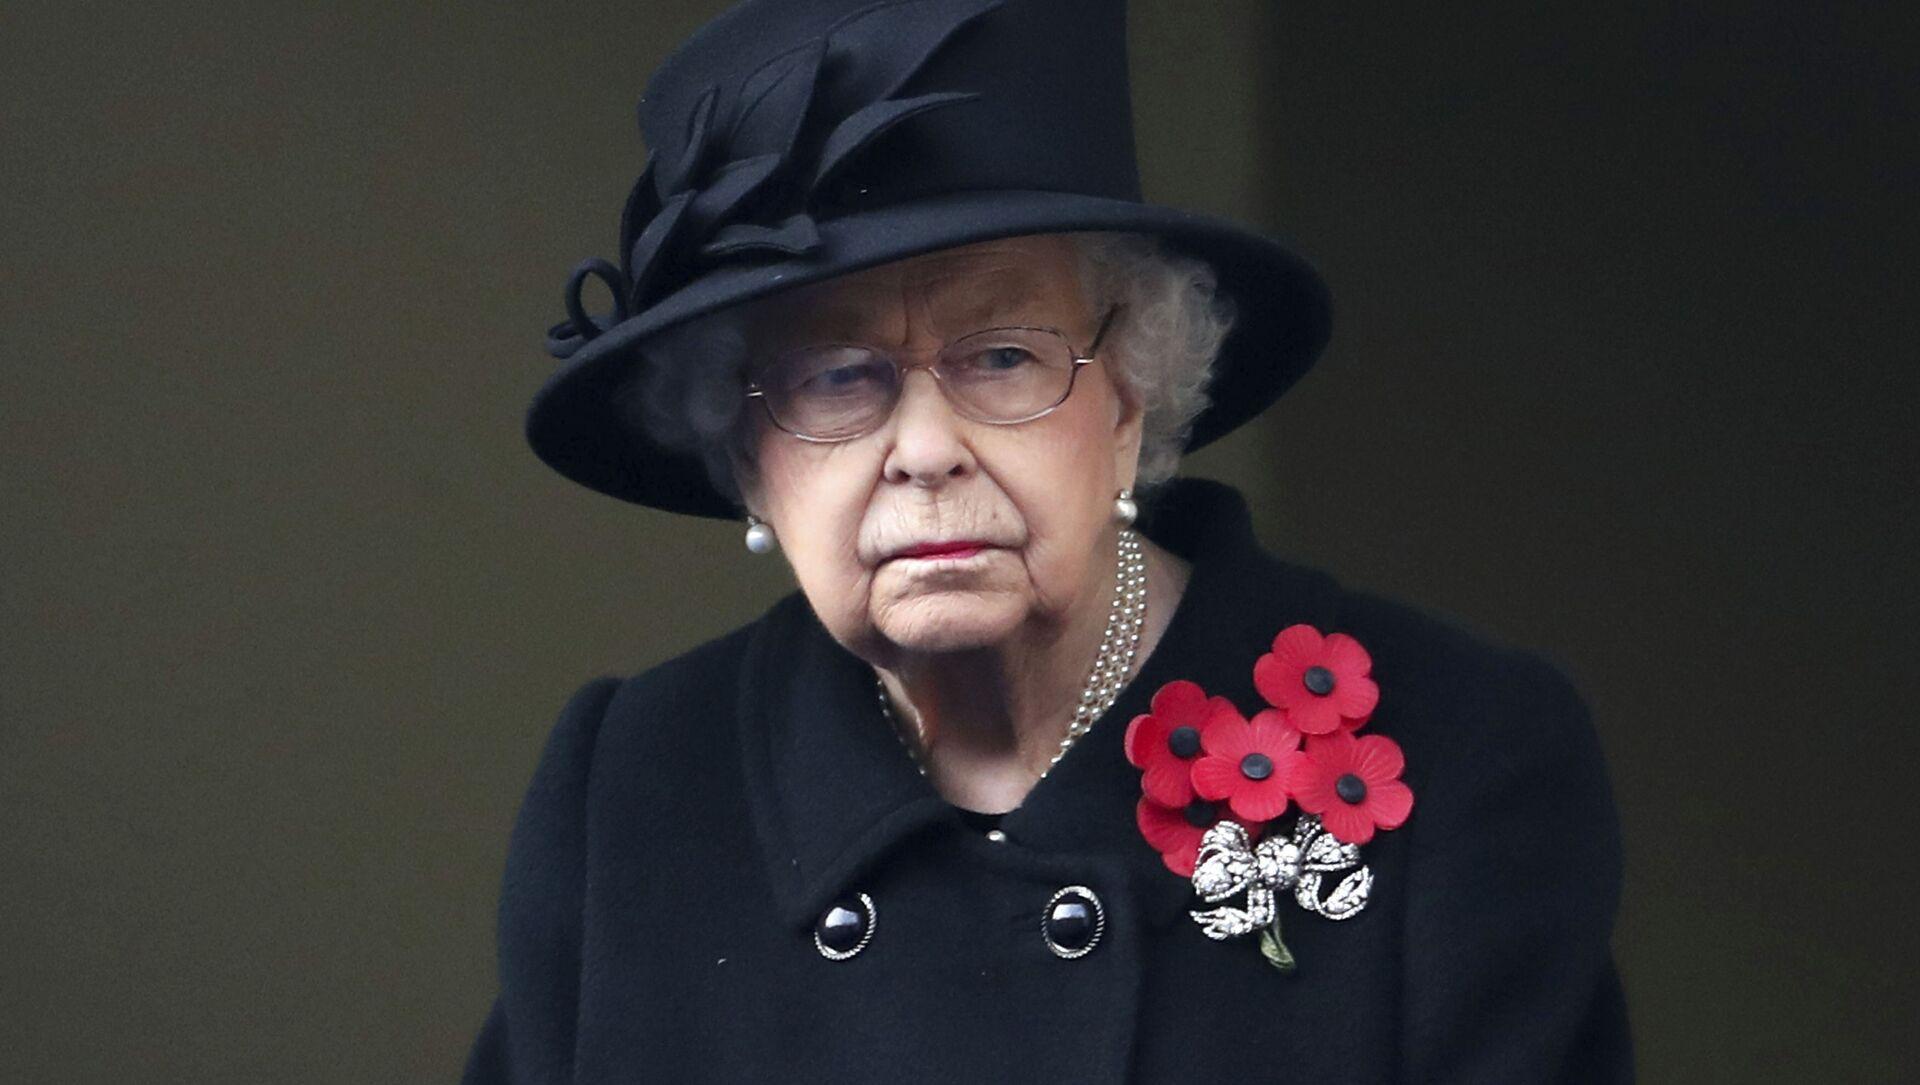 Nữ hoàng Elizabeth II của Anh nhìn từ ban công của Bộ Ngoại giao, trong buổi lễ Chủ nhật tưởng nhớ tại Cenotaph, ở Whitehall, London, Chủ nhật ngày 8 tháng 11 năm 2020 - Sputnik Việt Nam, 1920, 10.04.2021